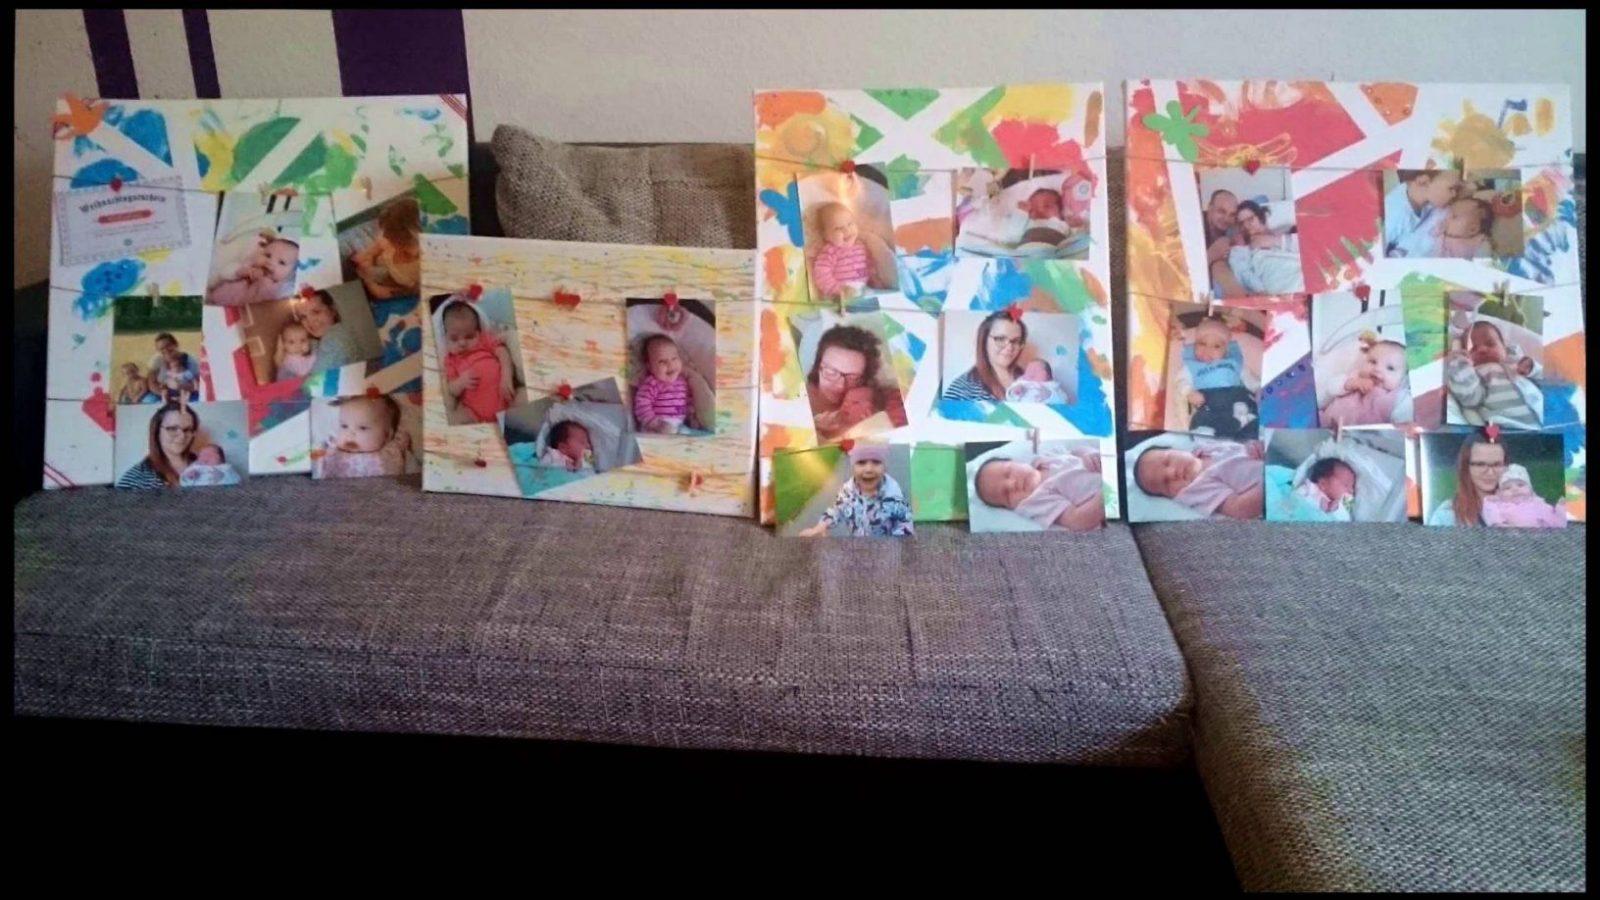 Diy  Mein Kind Malt Auf Leinwänden  Geschenkidee Taniisblog von Leinwand Gestalten Mit Kindern Bild